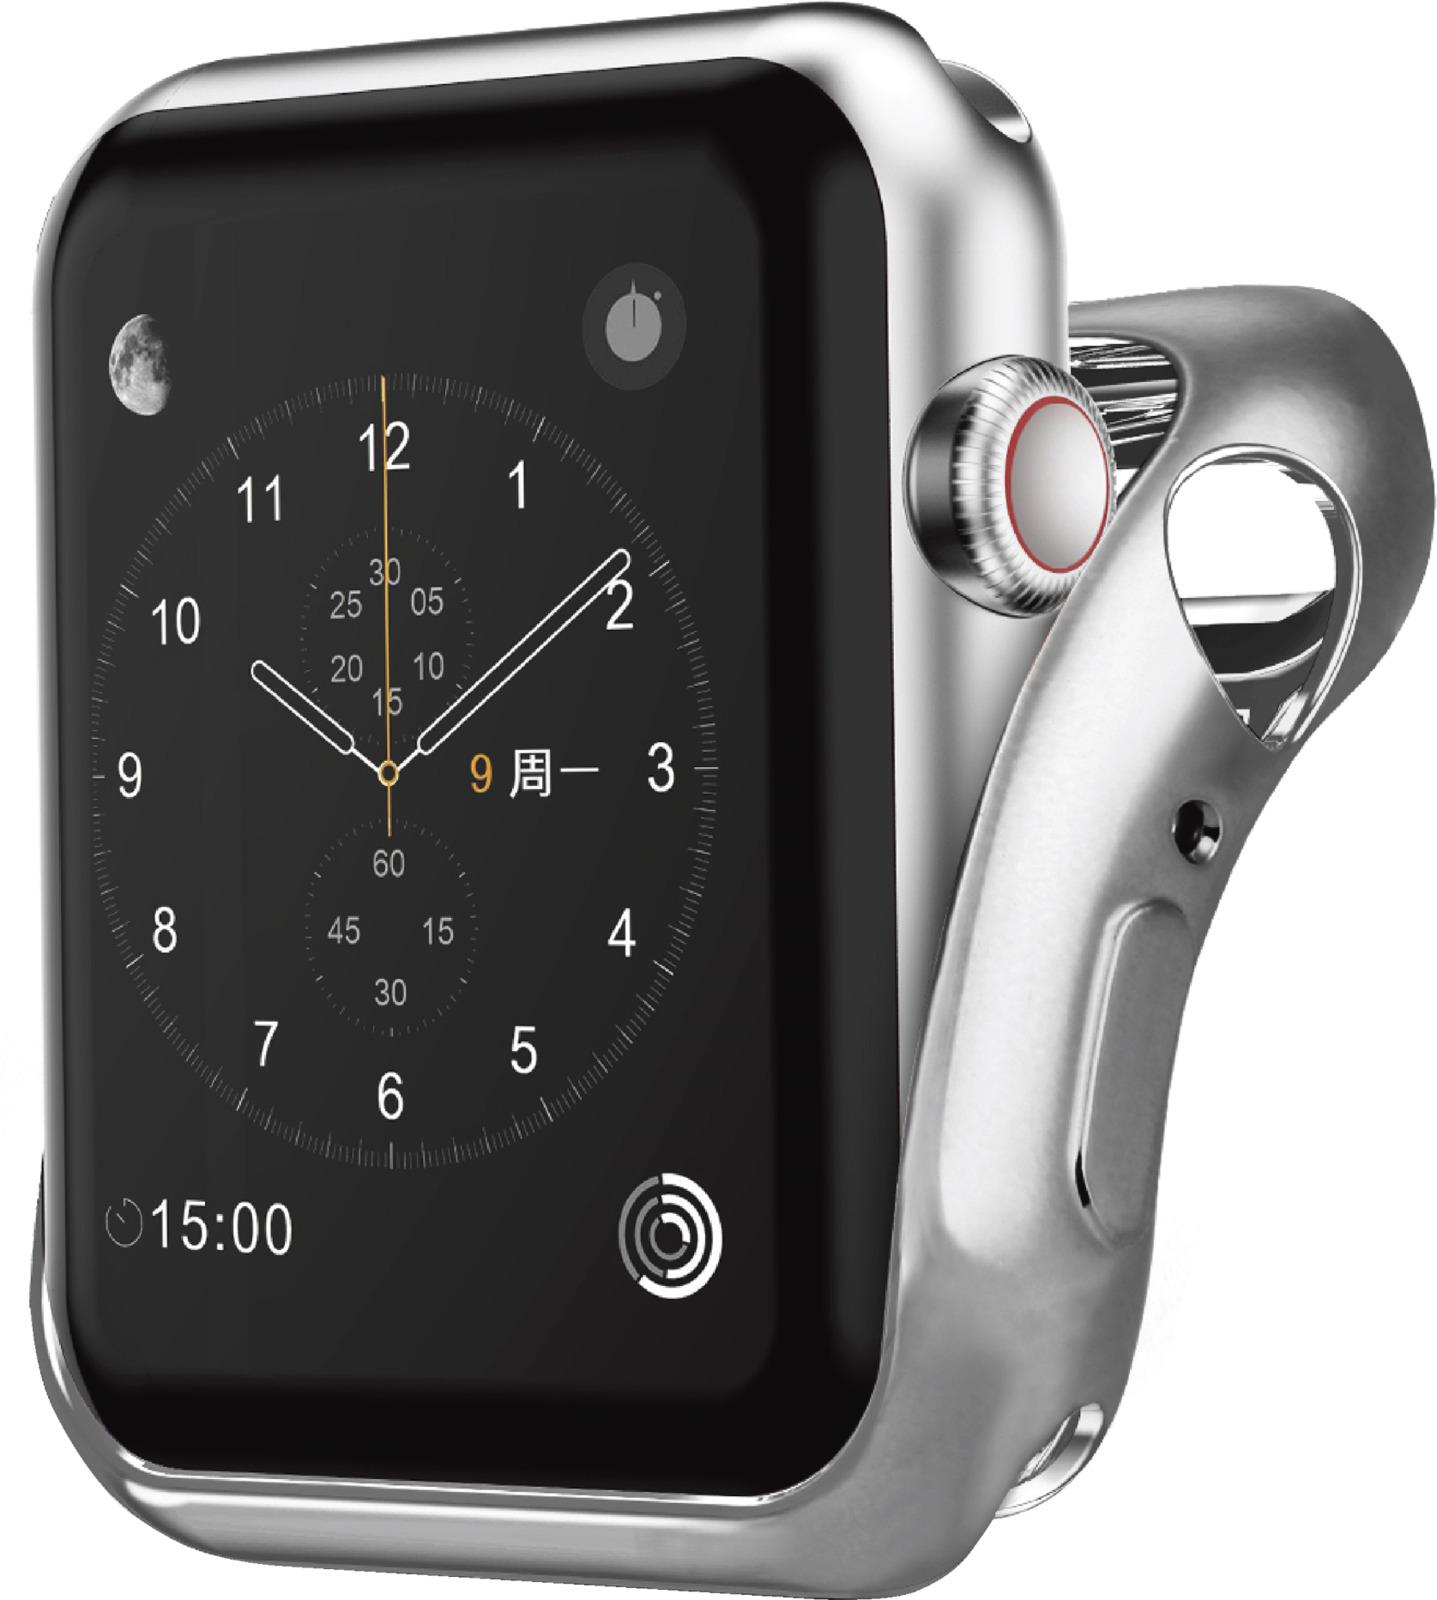 Чехол для смарт-часов Interstep Спортивный для Apple Watch 38mm, серебристый аксессуар ремешок gurdini sport silicone для apple watch 38mm fog 906166